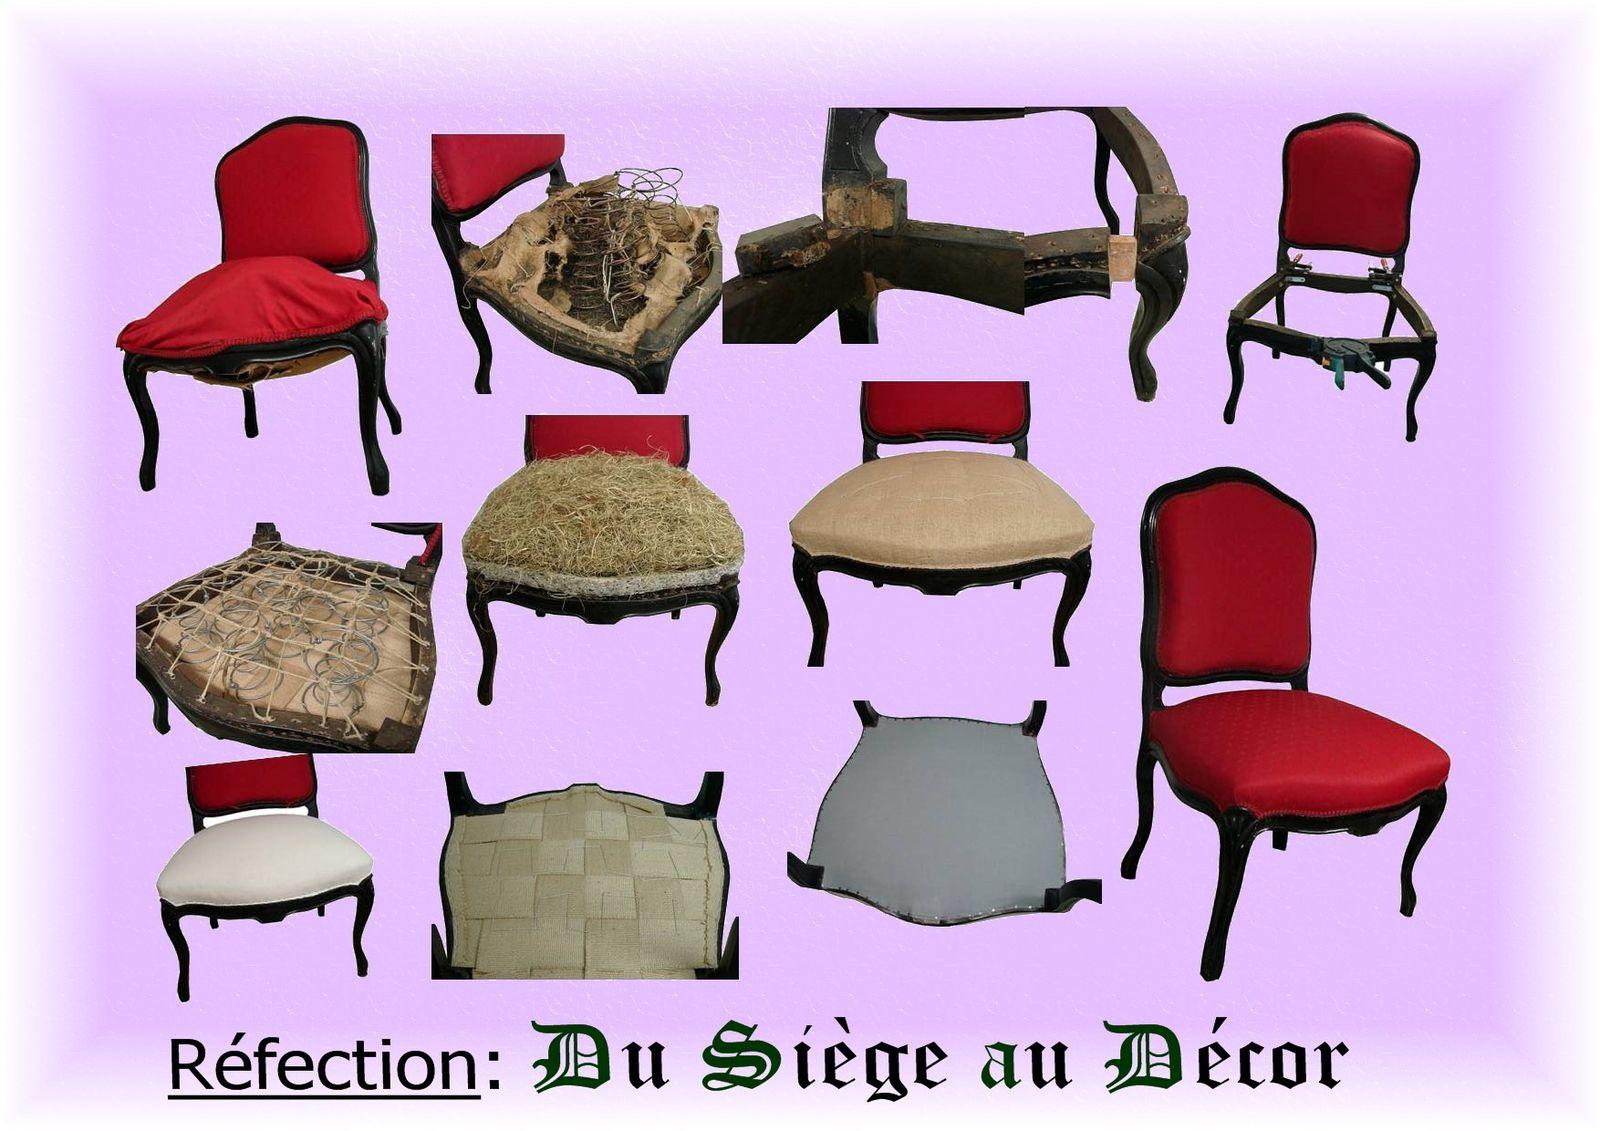 Chaise Style Napolon III Du Sige Au DcorTapissier DAmeublement